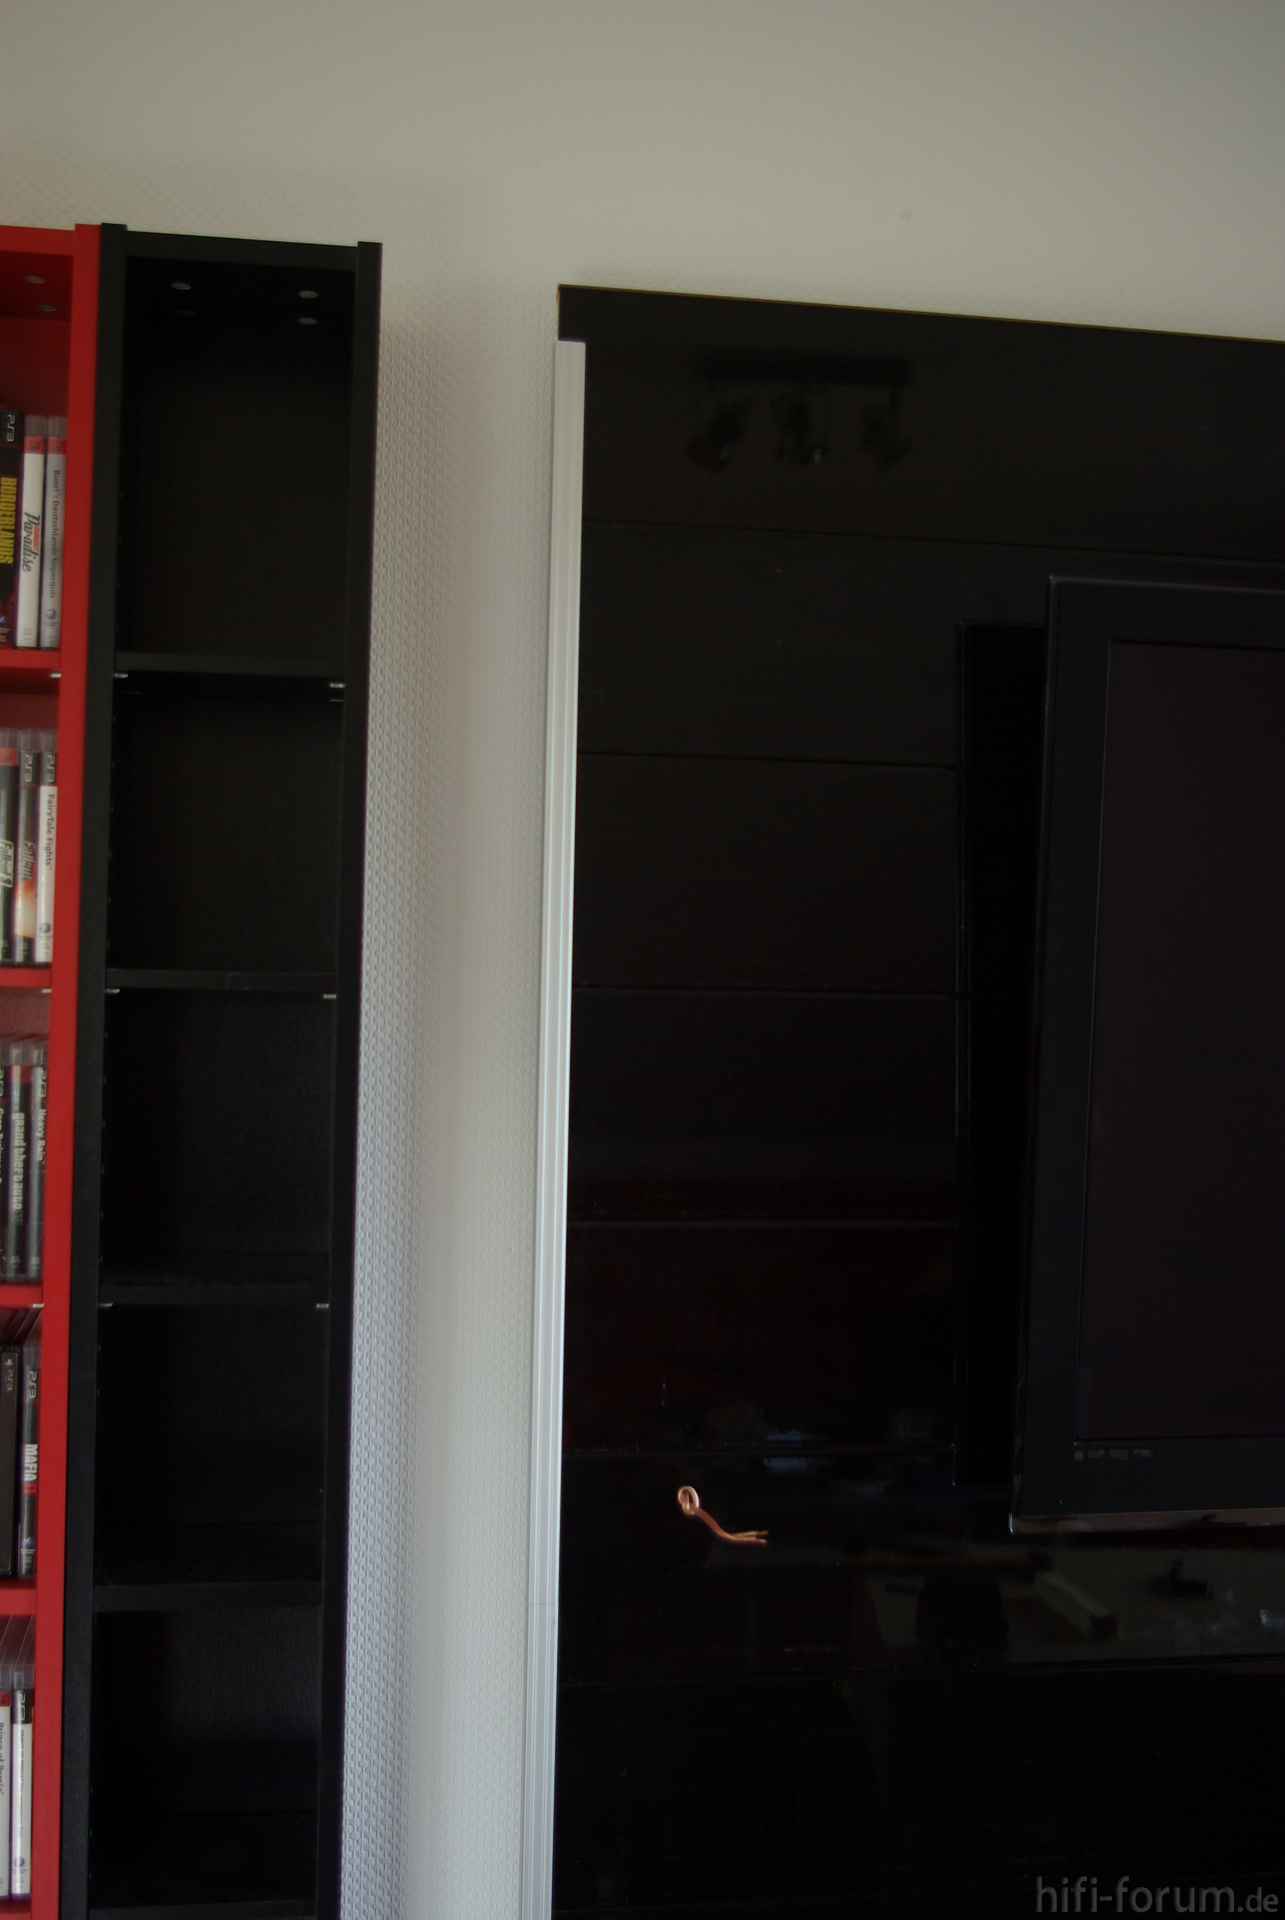 Tv Wand Montage Abschlussleiste Doityourself Tvwand